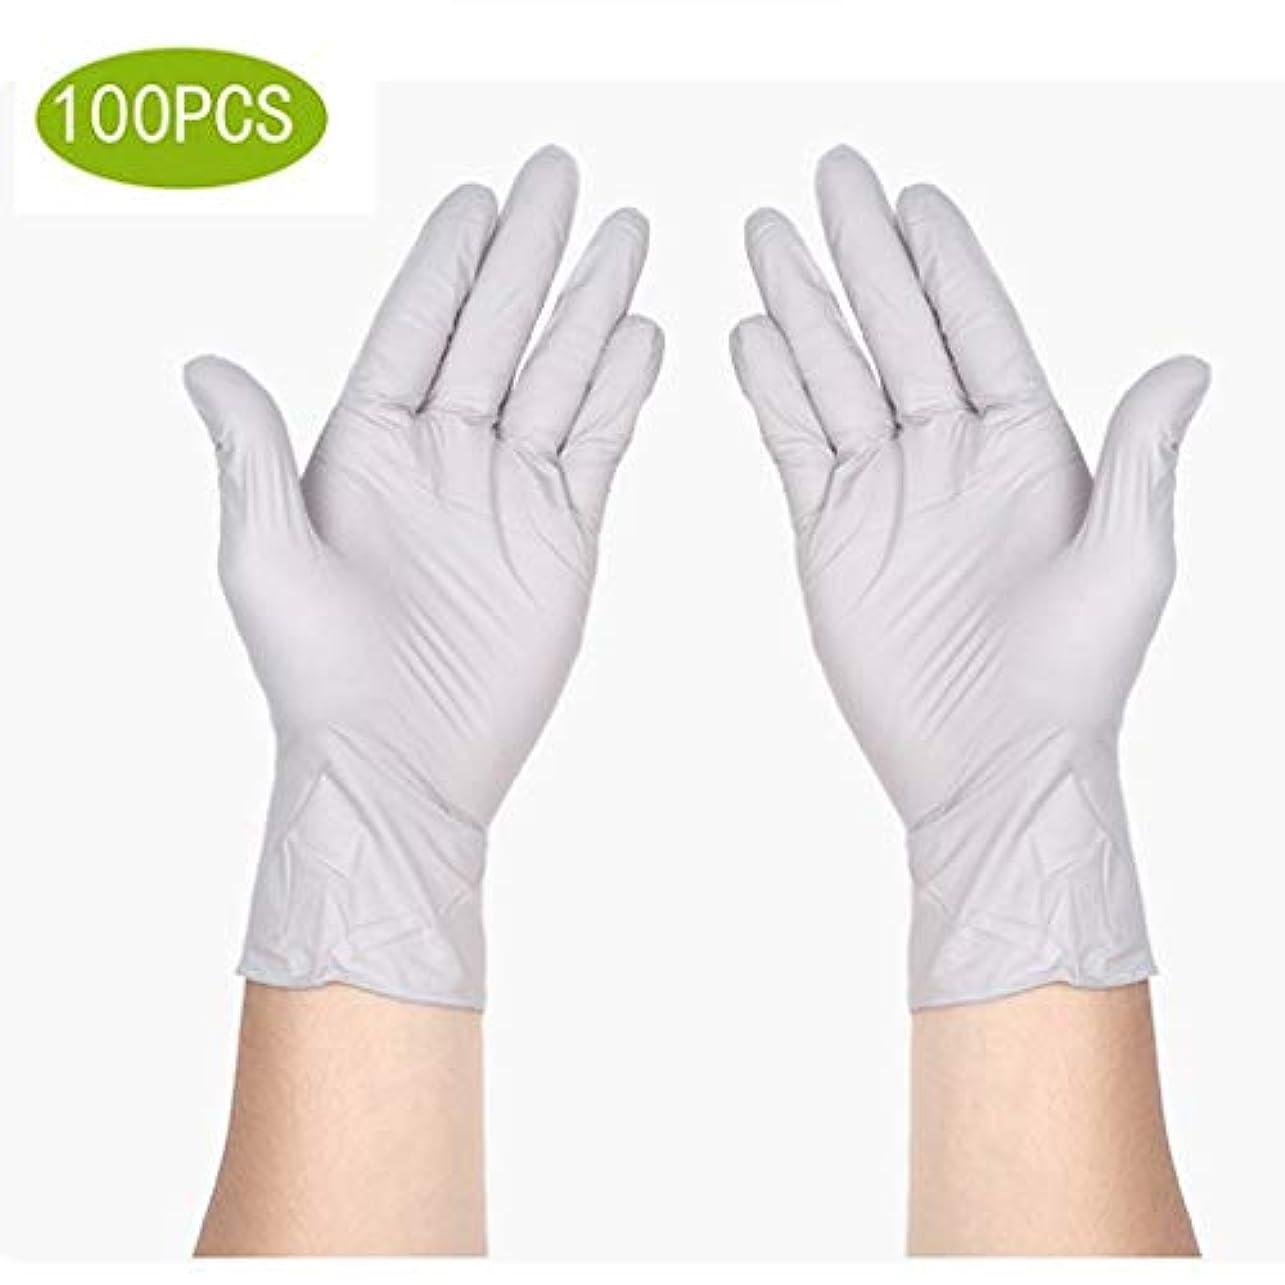 精緻化教プロフィールサニタリー手袋ニトリル医療グレード試験用手袋、使い捨て、ラテックスフリー、100カウント滅菌使い捨て安全手袋 (Size : L)